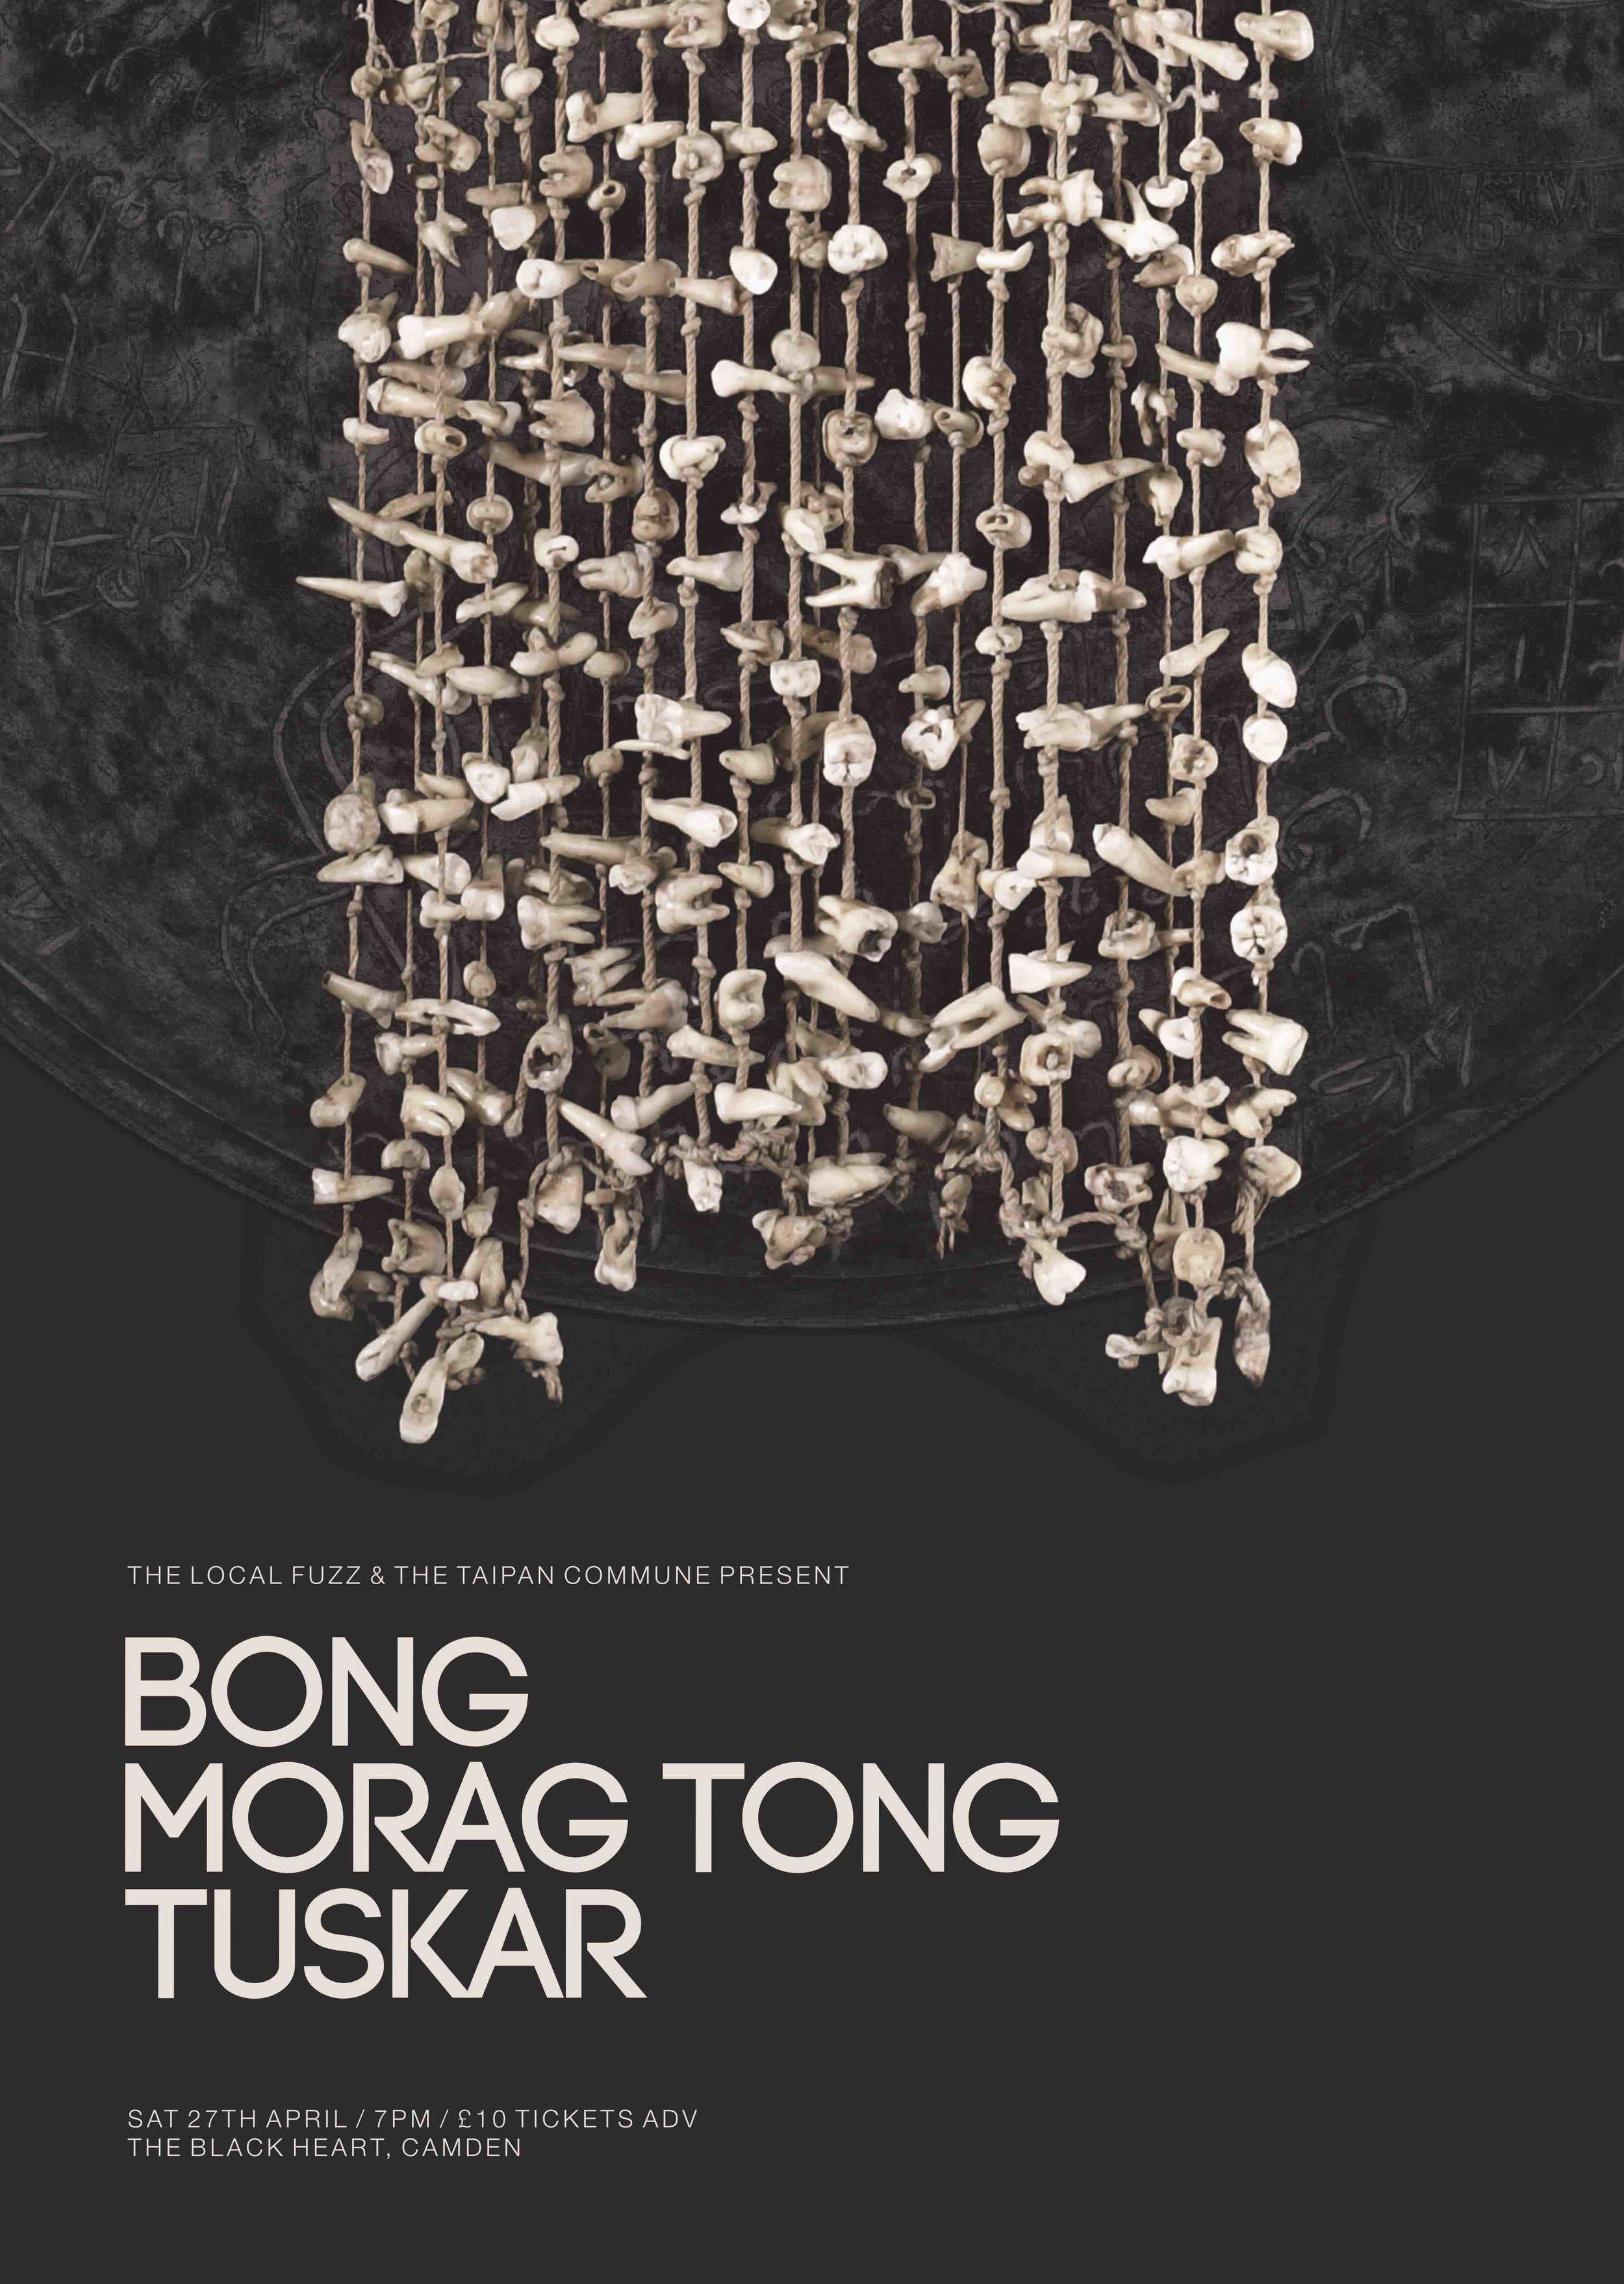 Bong-Morag-Tuskar-Camden-April-2019.jpg